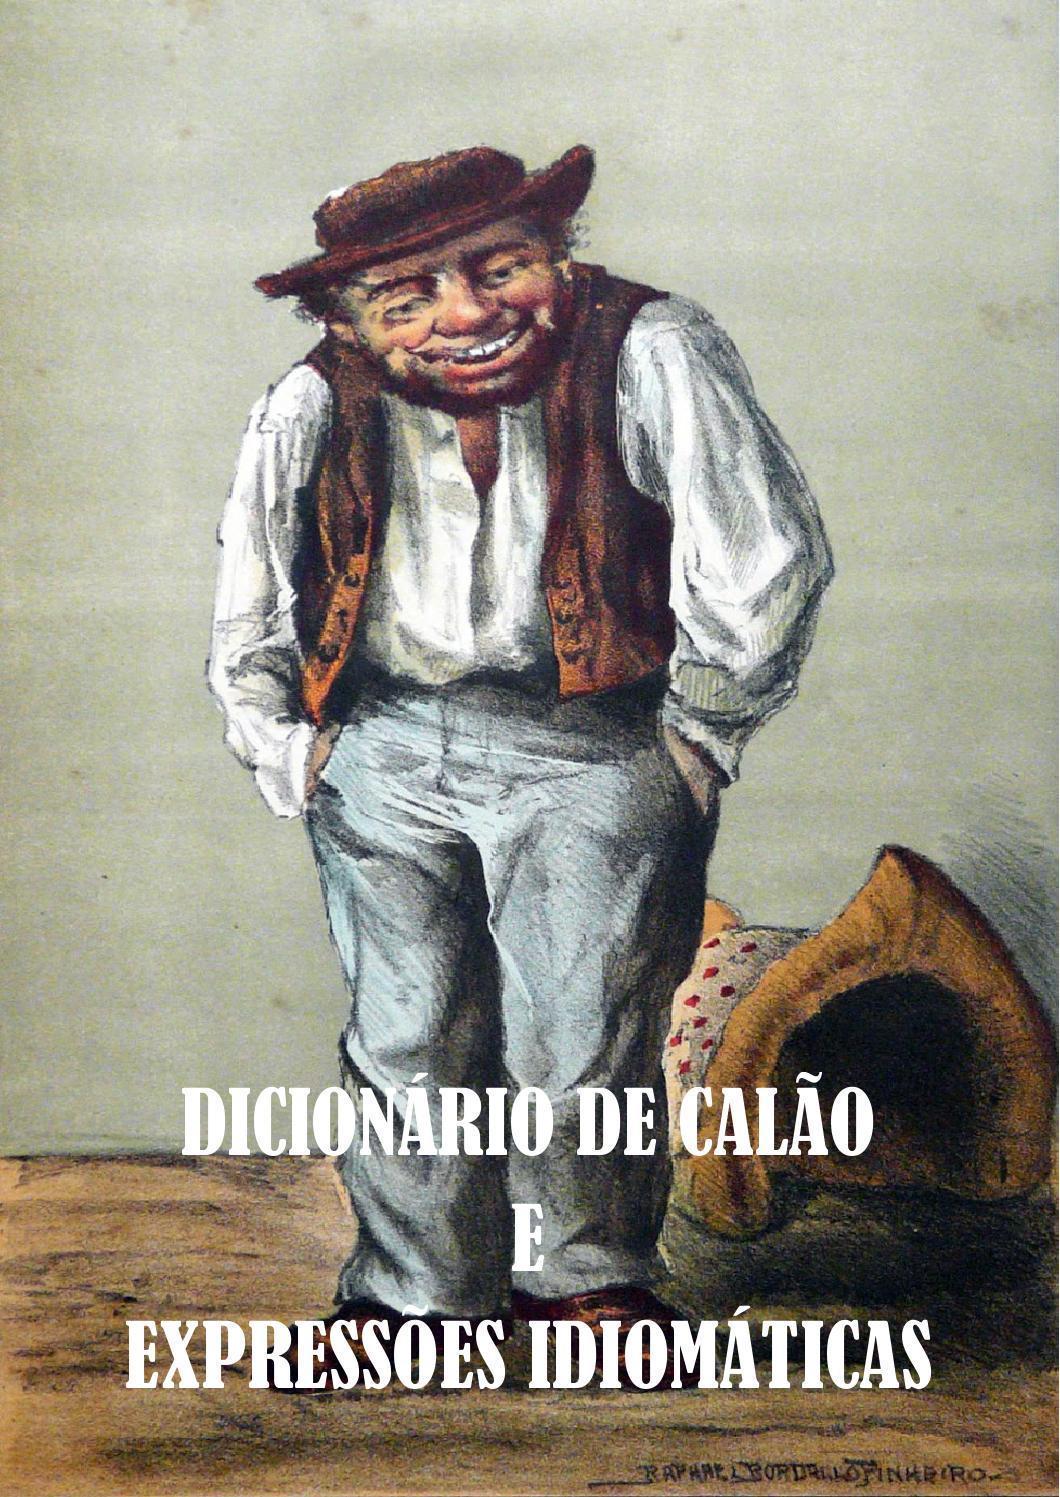 dicionário do calão